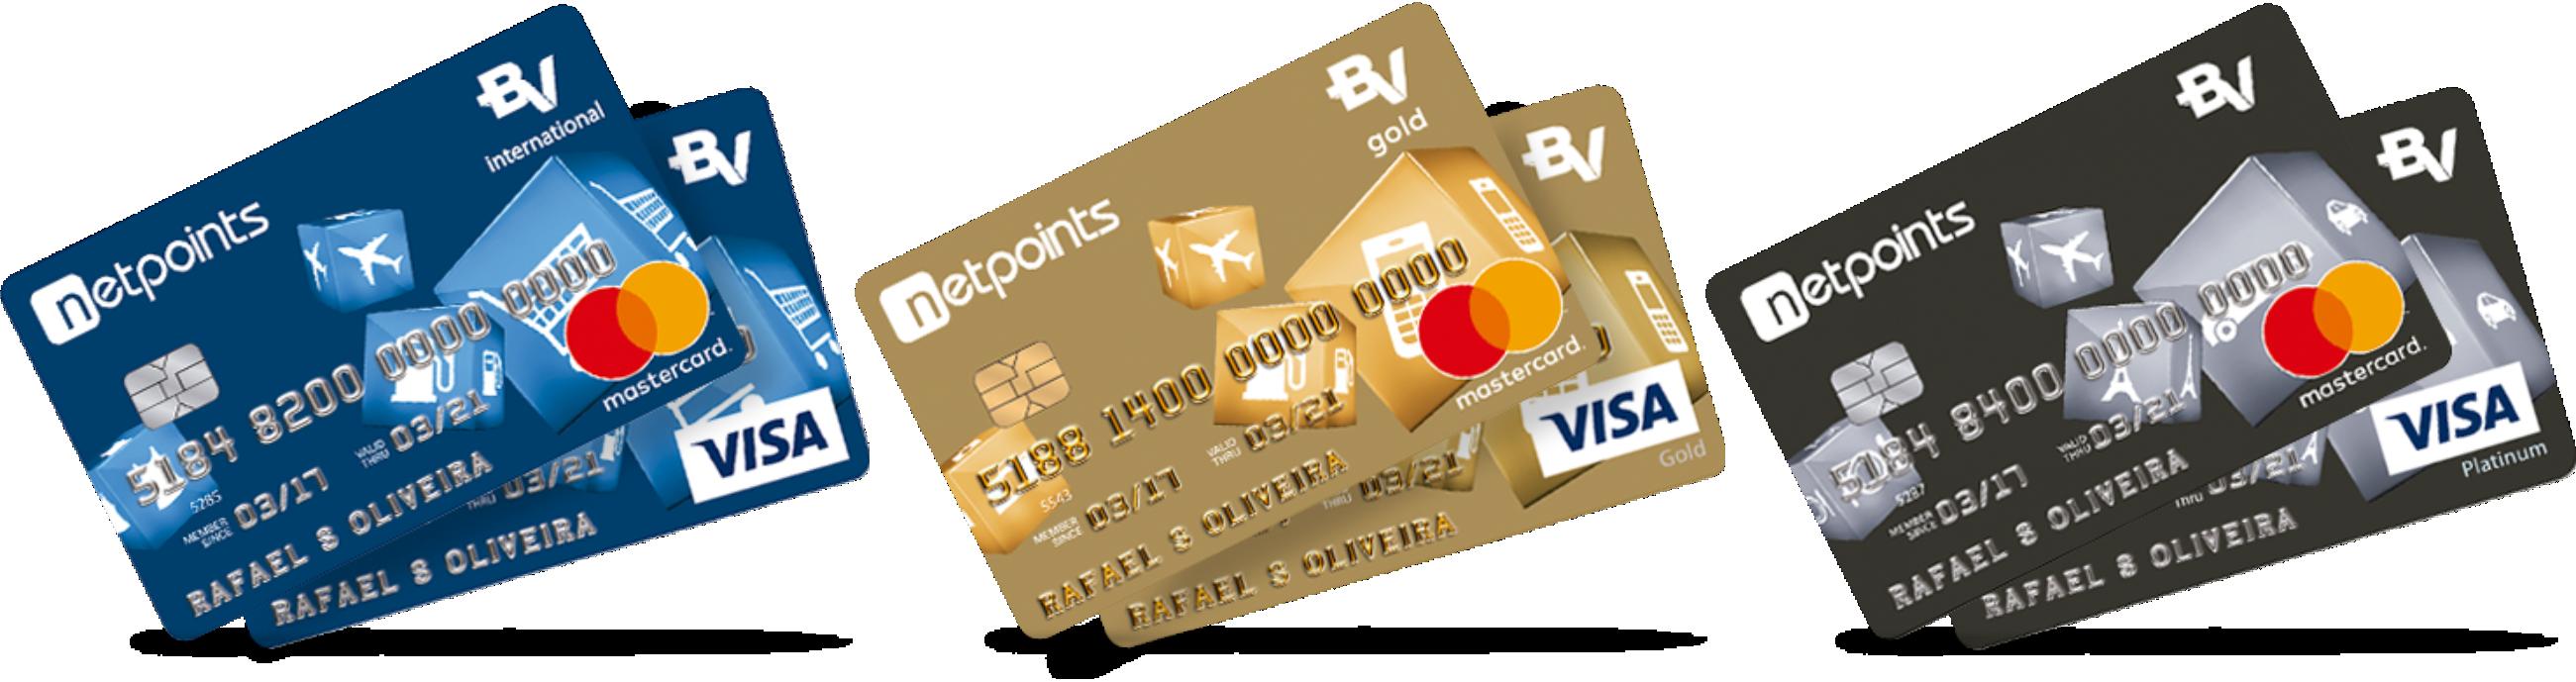 Cartão de Crédito Netpoints